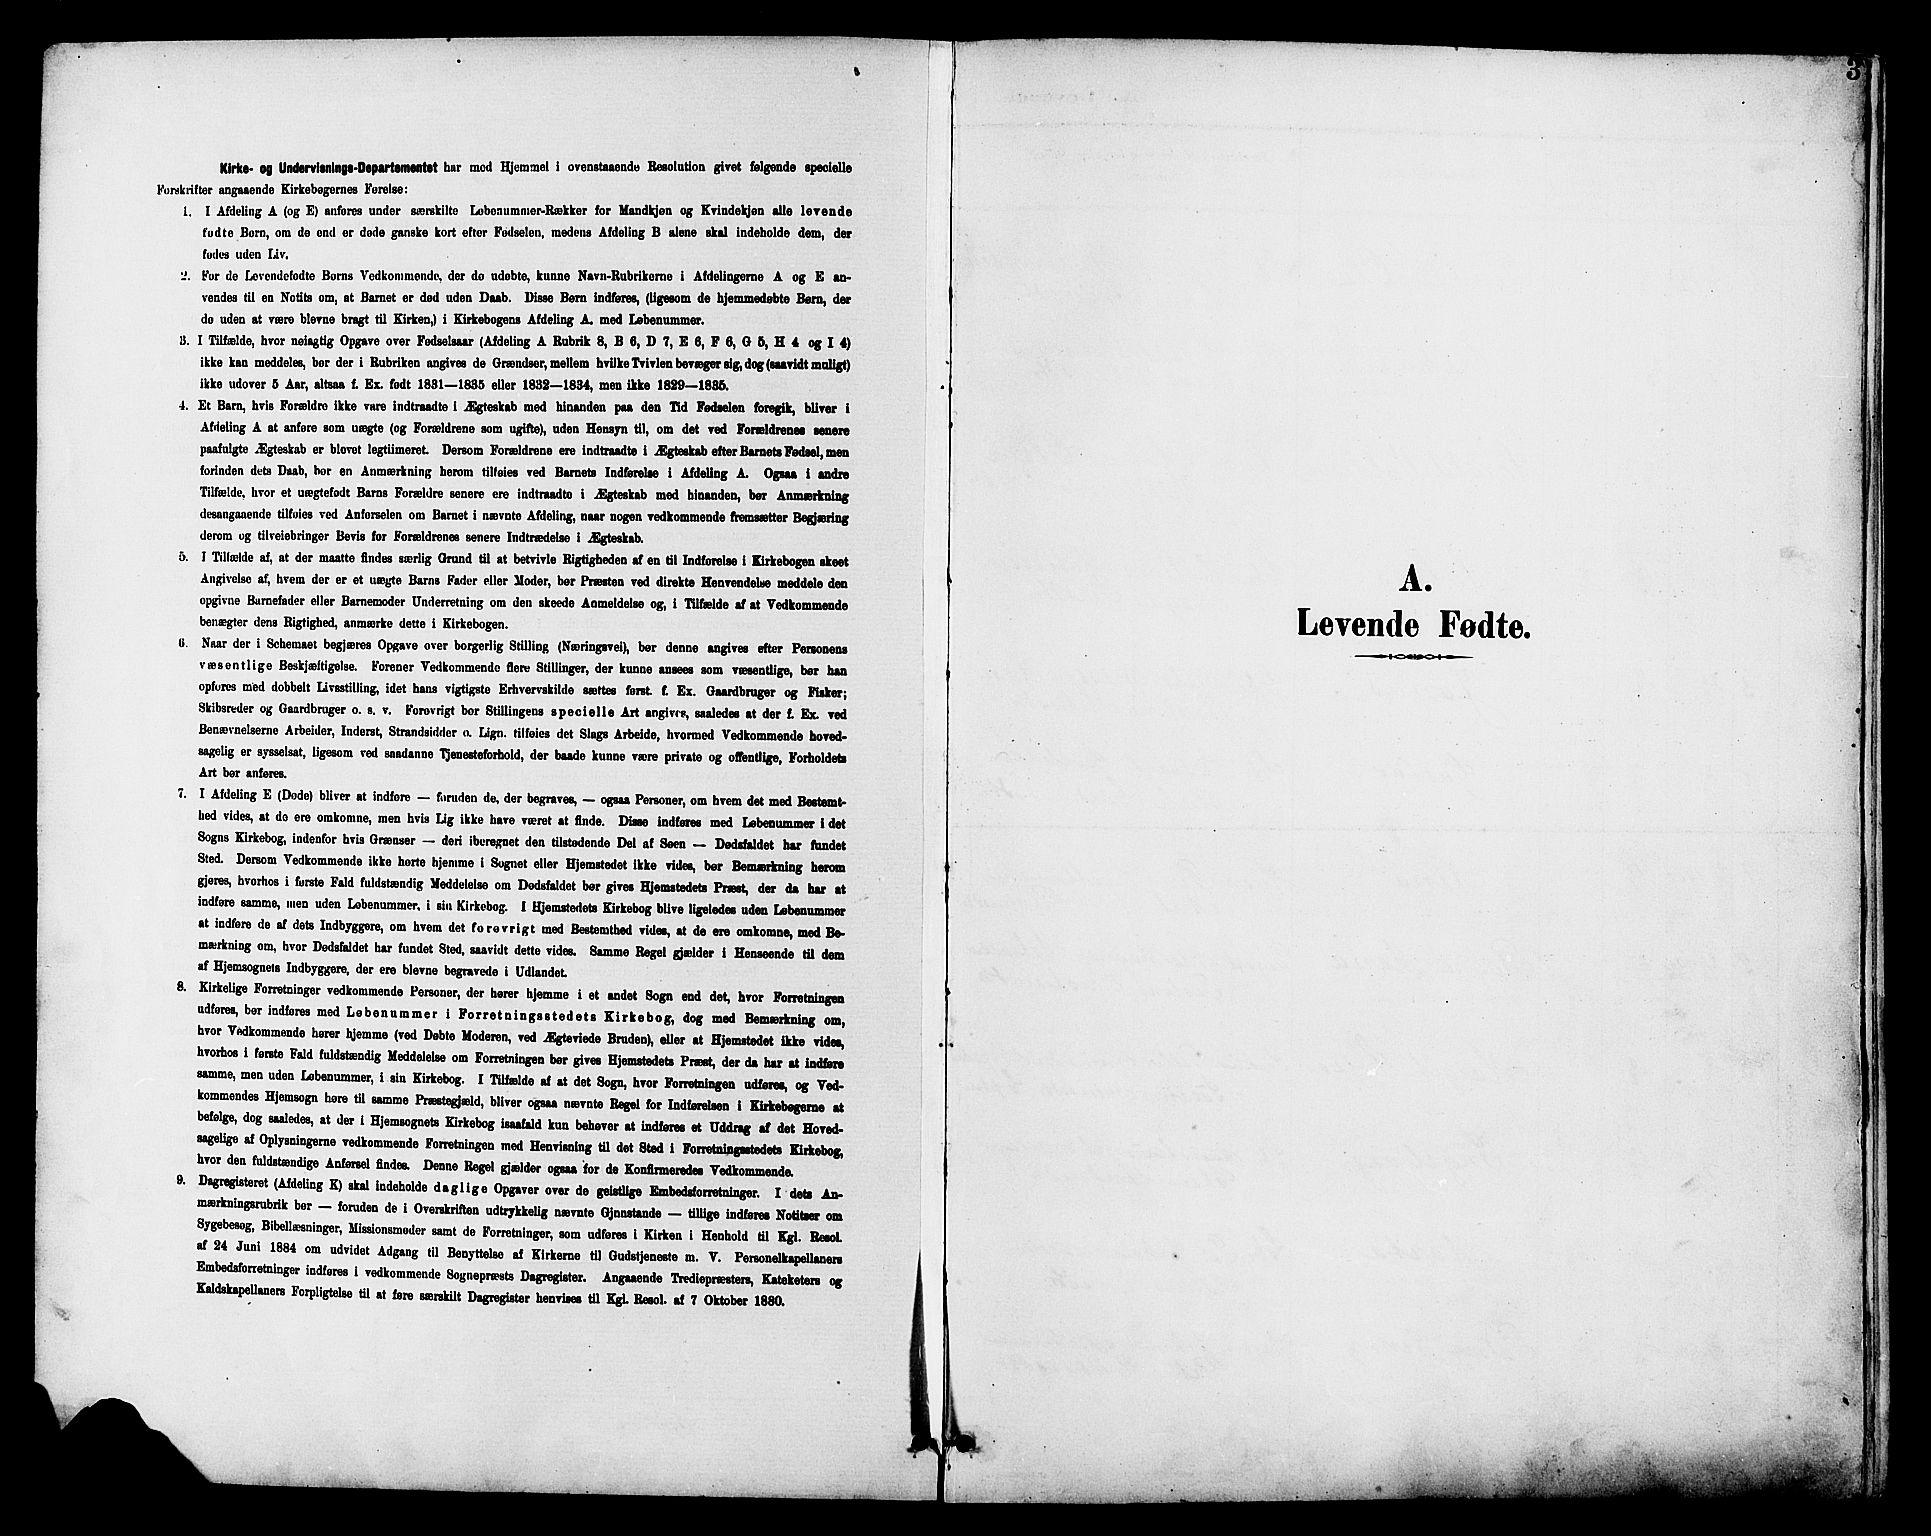 SAH, Vestre Toten prestekontor, H/Ha/Hab/L0011: Klokkerbok nr. 11, 1901-1911, s. 3